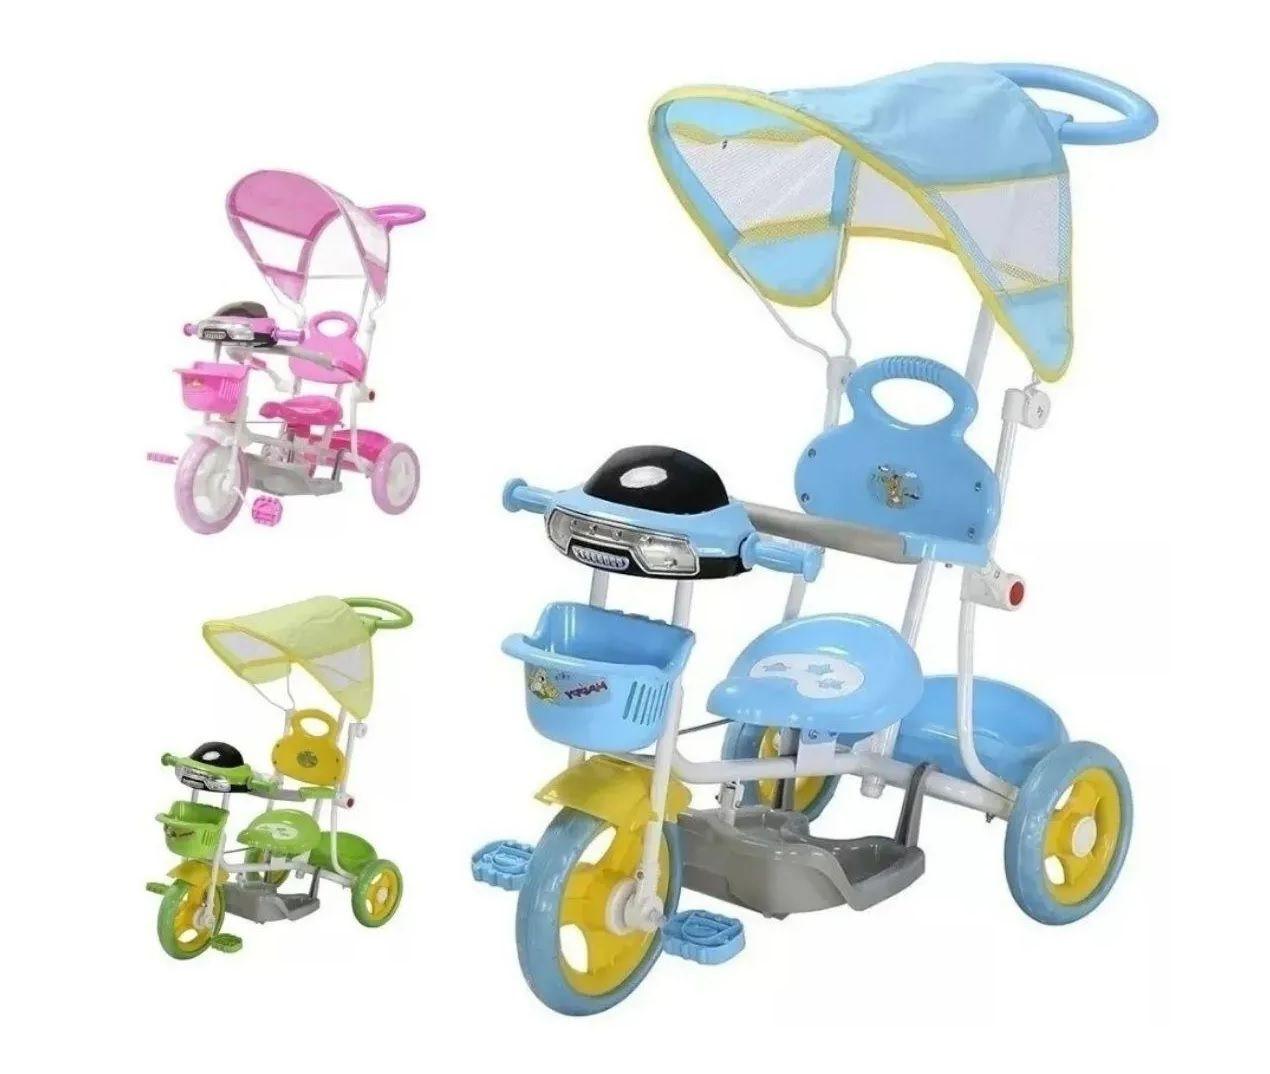 Triciclo Infantil Carrinho De Passeio 2 em 1 com Cobertura e Haste - Azul